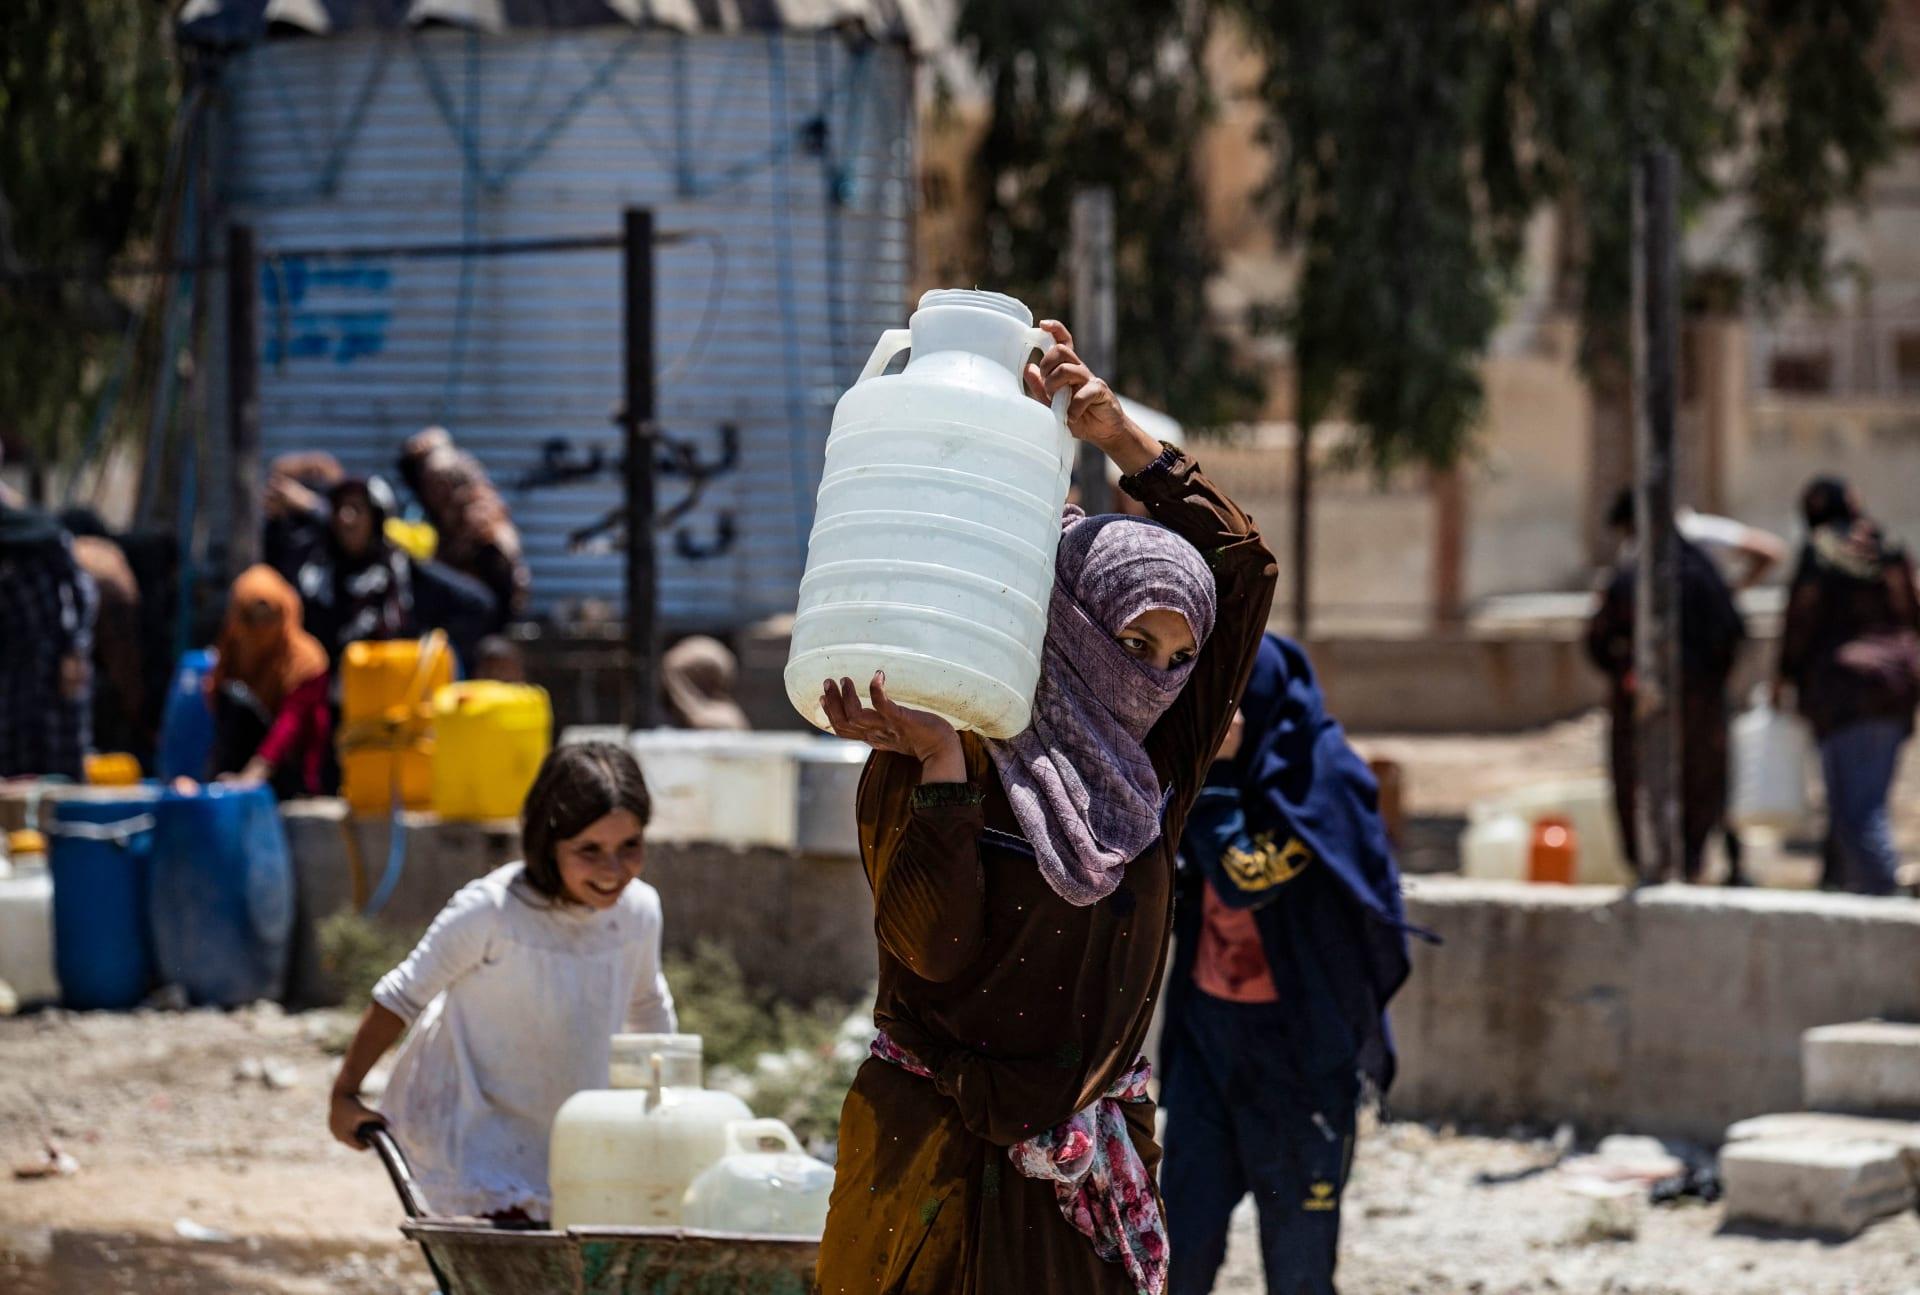 سيدة سورية تحمل حاوية مياه قدمتها منظمة اليونيسف في مدينة الحسكة شمال شرق سوريا، في 8 تموز 2021 ،